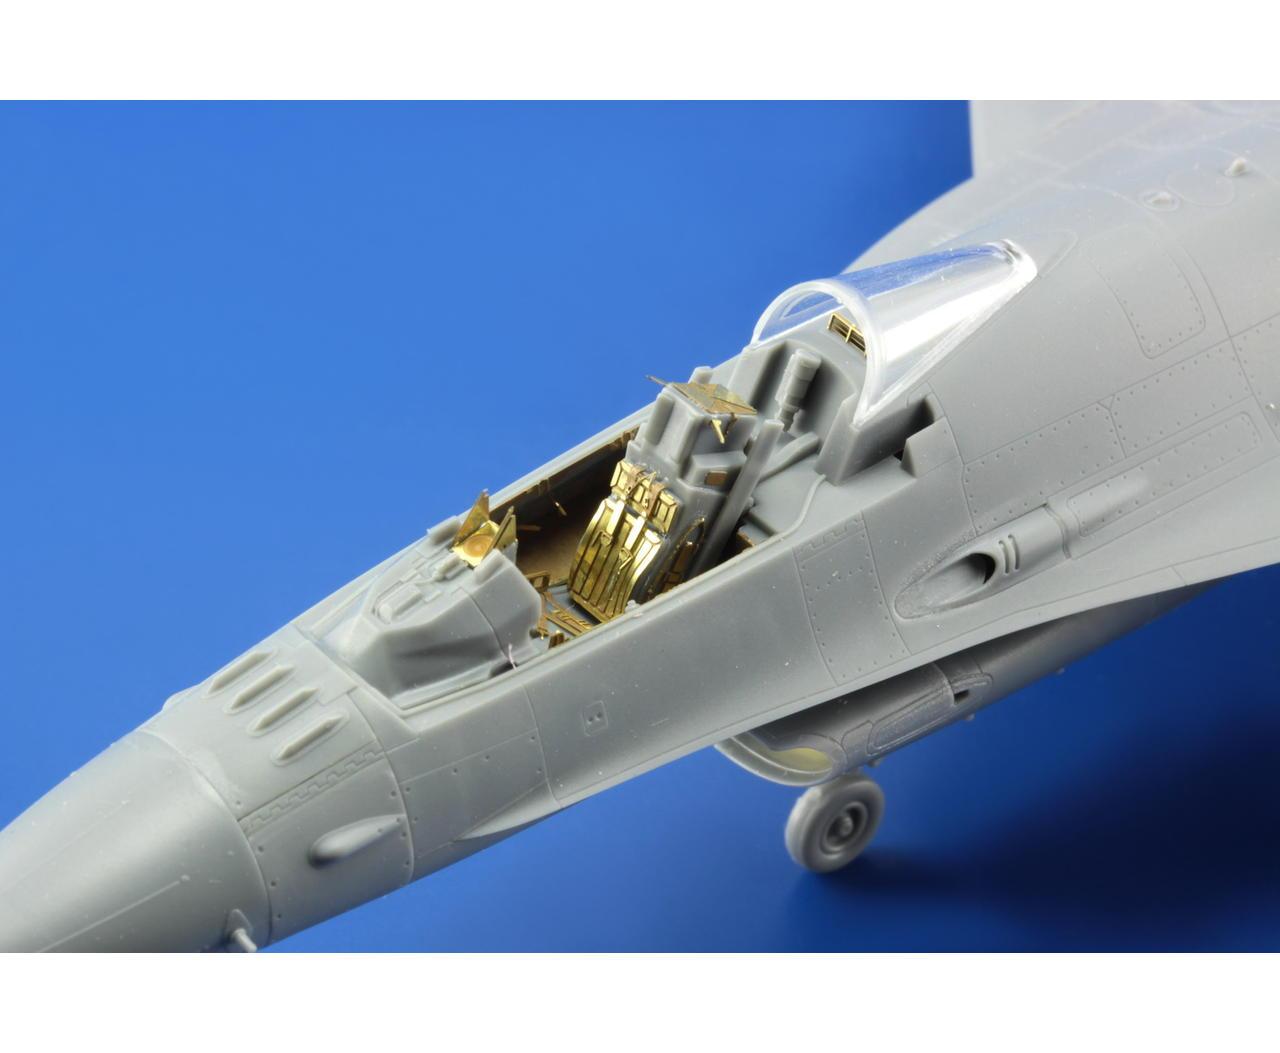 Neu Eduard Accessories Ss151-1:72 F-16 A//B Fighting Falcon Ätzsatz